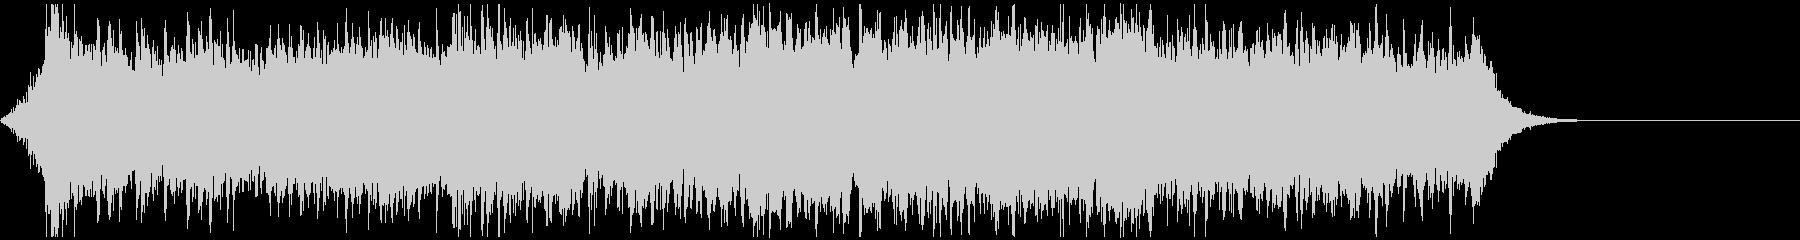 サイバーパンク風エピック&エレクトロ曲の未再生の波形